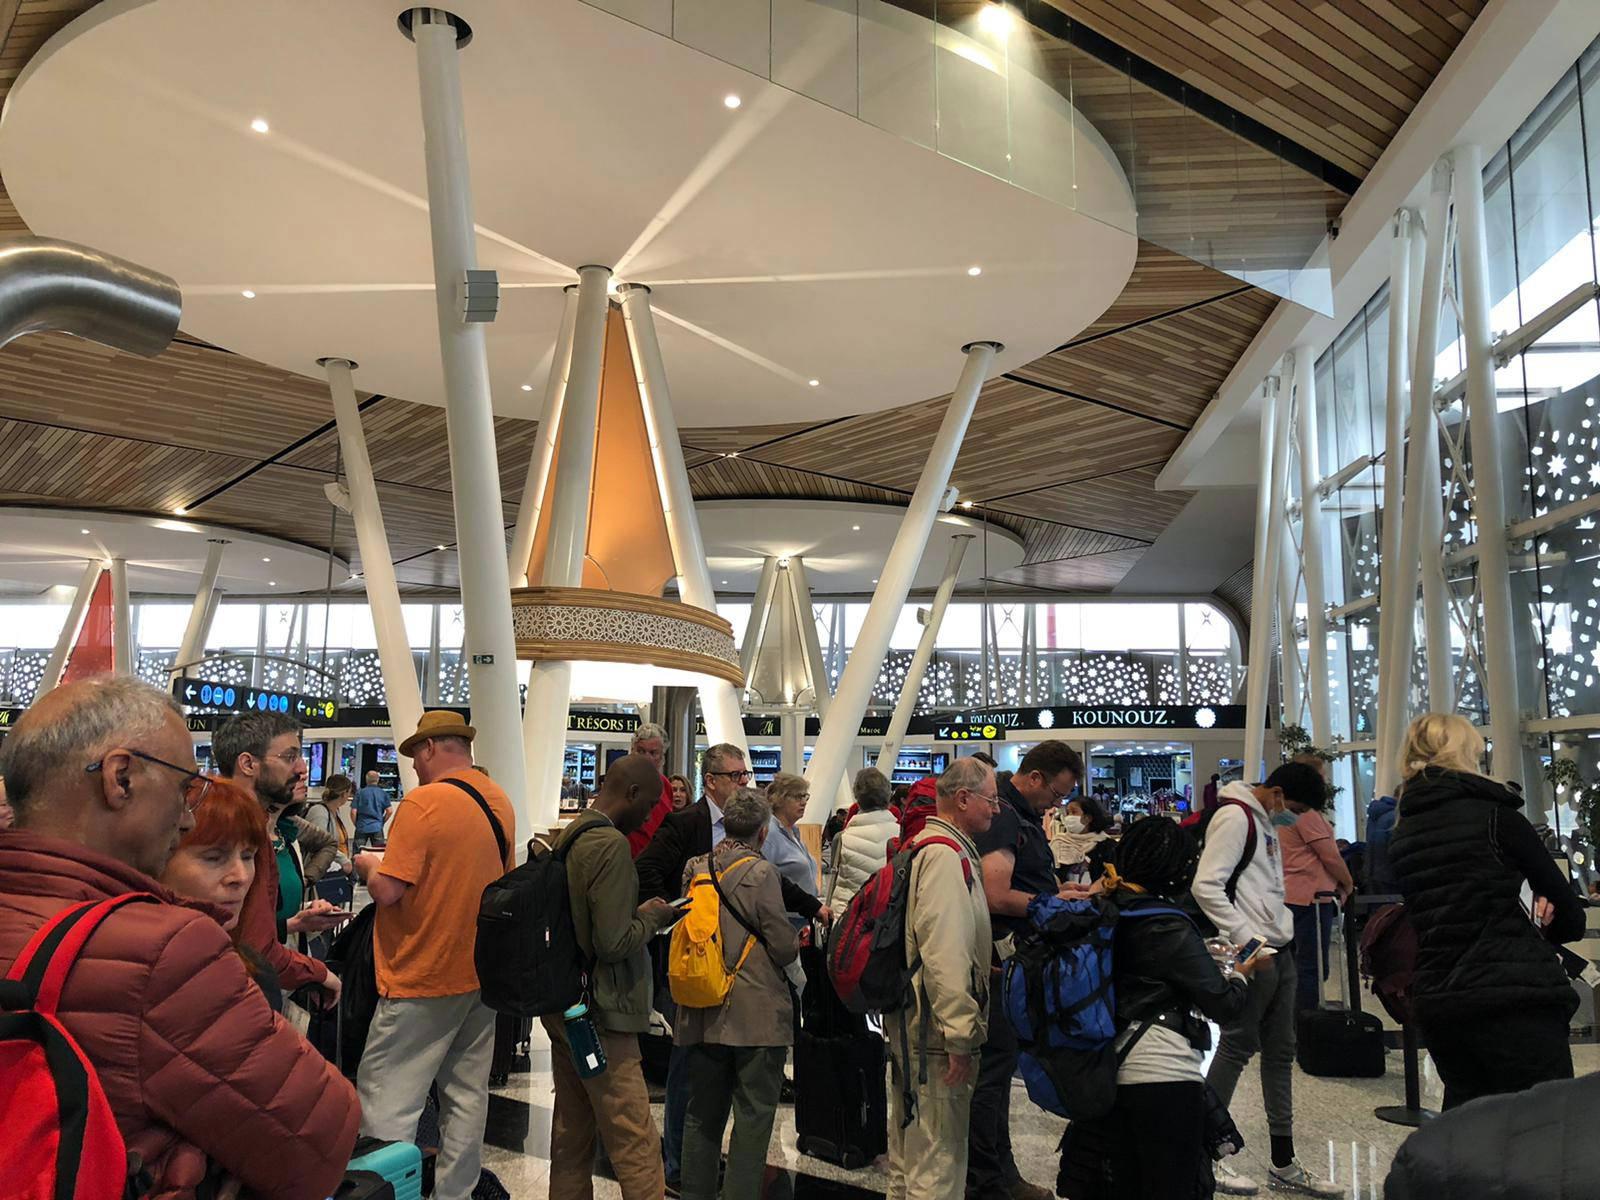 Des touristes bloqués à l'aéroport de Marrakech pour cause de suspension des vols en pleine crise du coronavirus, le 19 mars 2020 (archive).